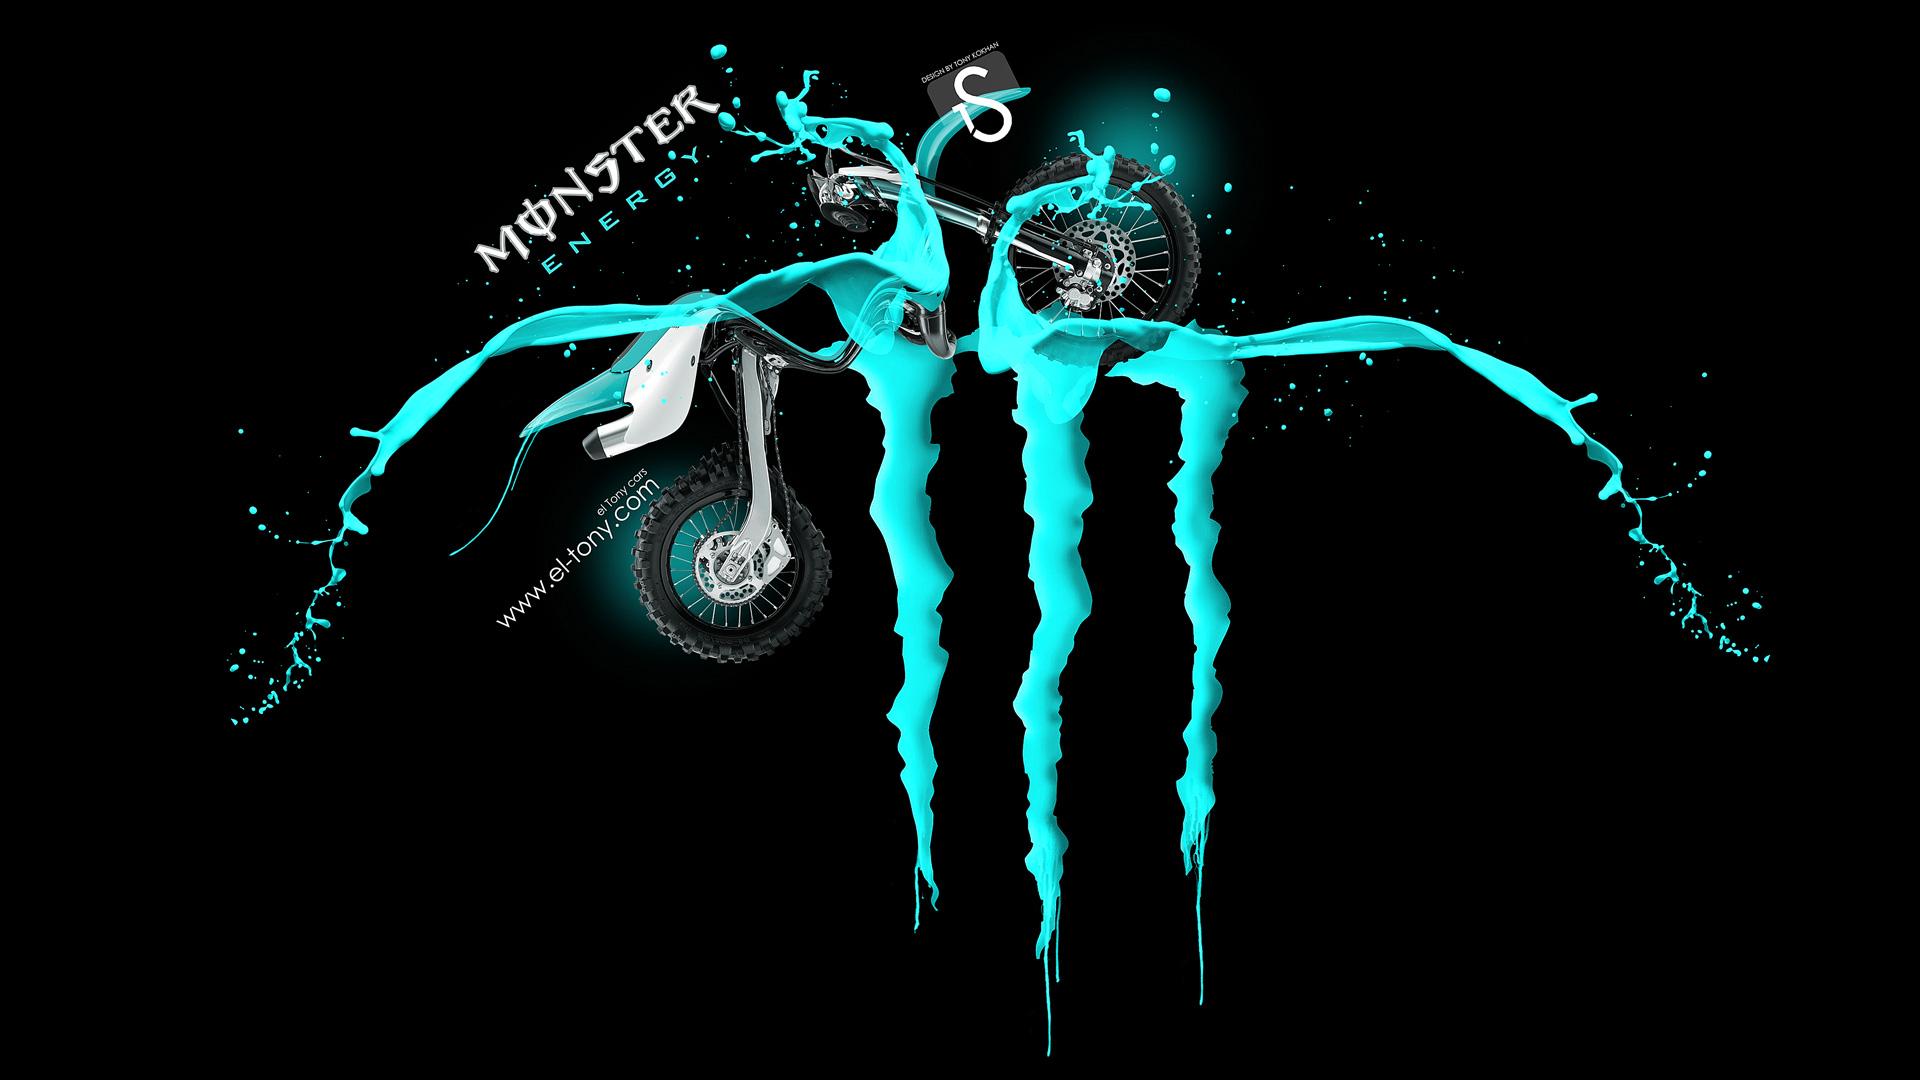 Monster Energy Logo Azure Green Fantasy Kawasaki Motocross 2013 design 1920x1080